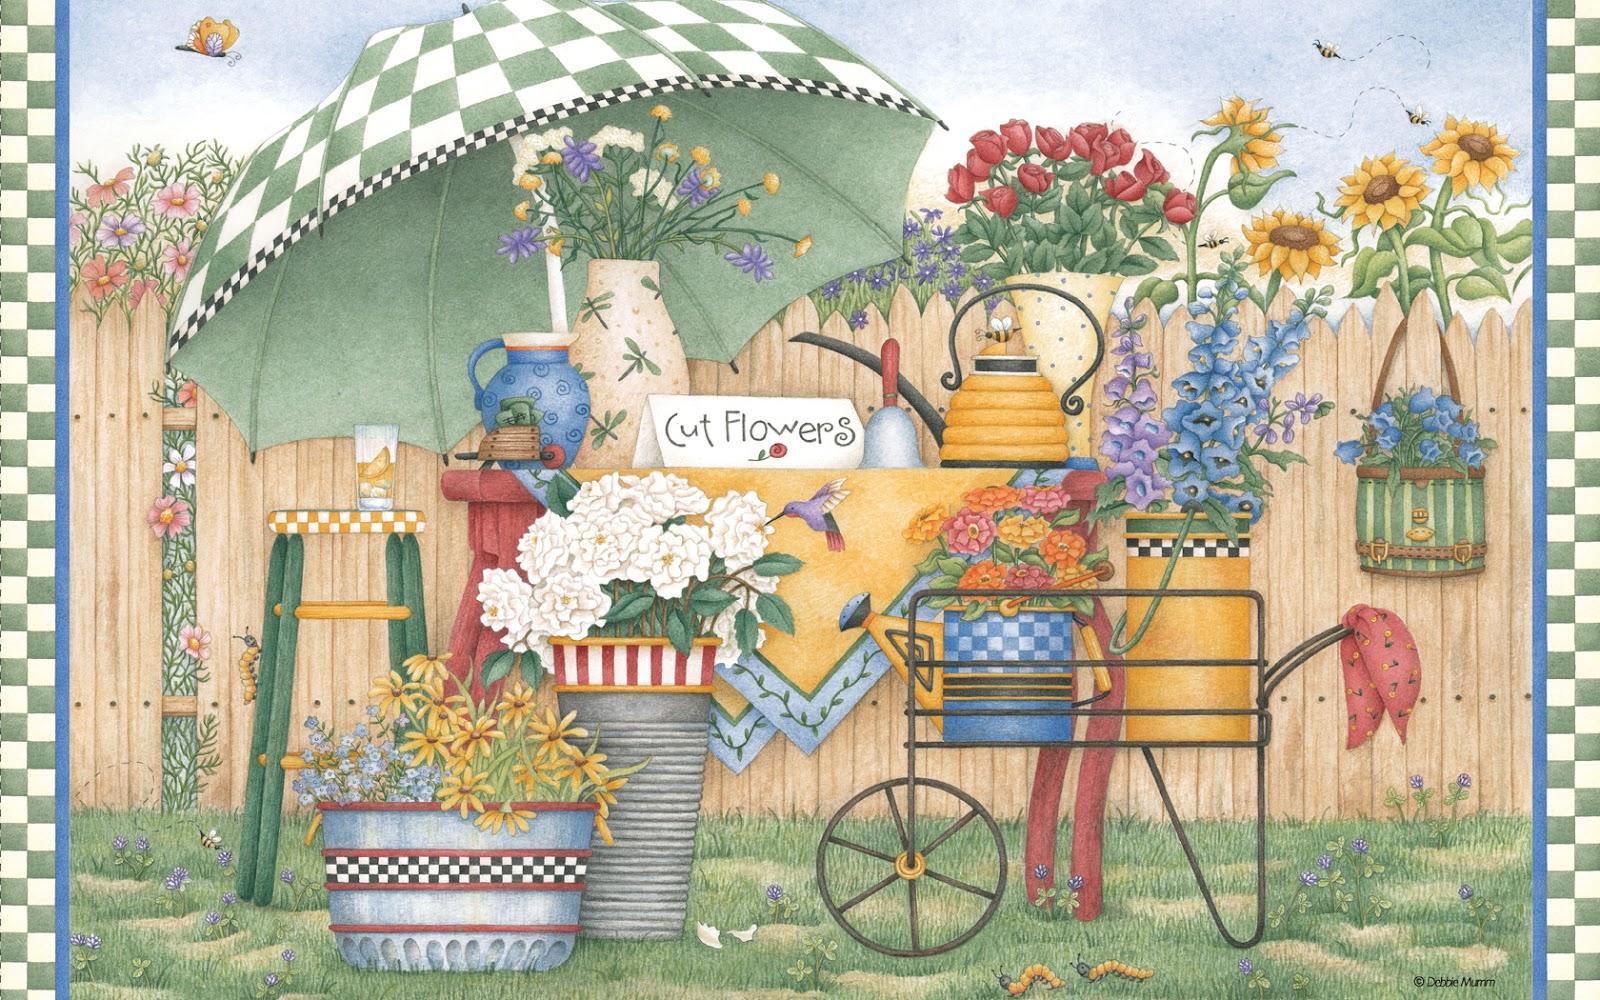 http://4.bp.blogspot.com/--qK1a6Jh-uM/UAlIGl74iHI/AAAAAAAAAYA/hT84X63agmE/s1600/Debbie+Mumm+%236.8.jpg